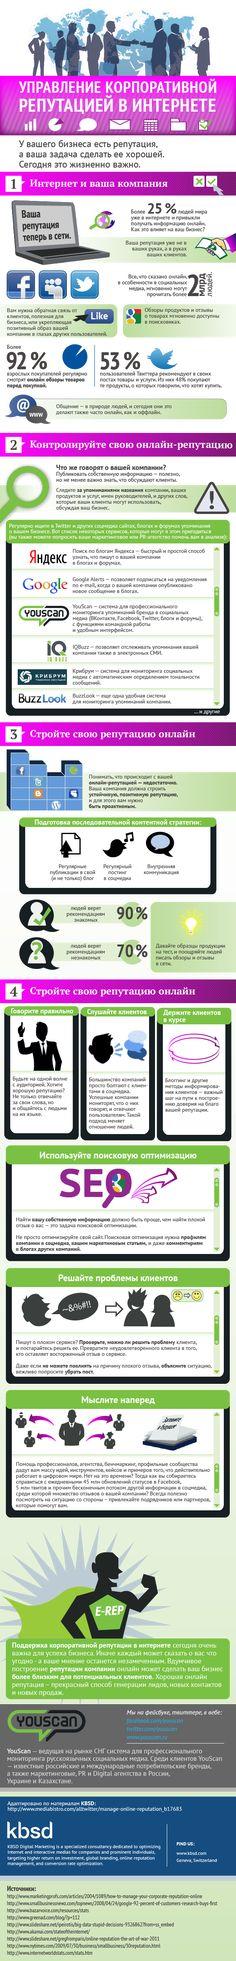 инфографика: управление корпоративной репутацией в Интернет